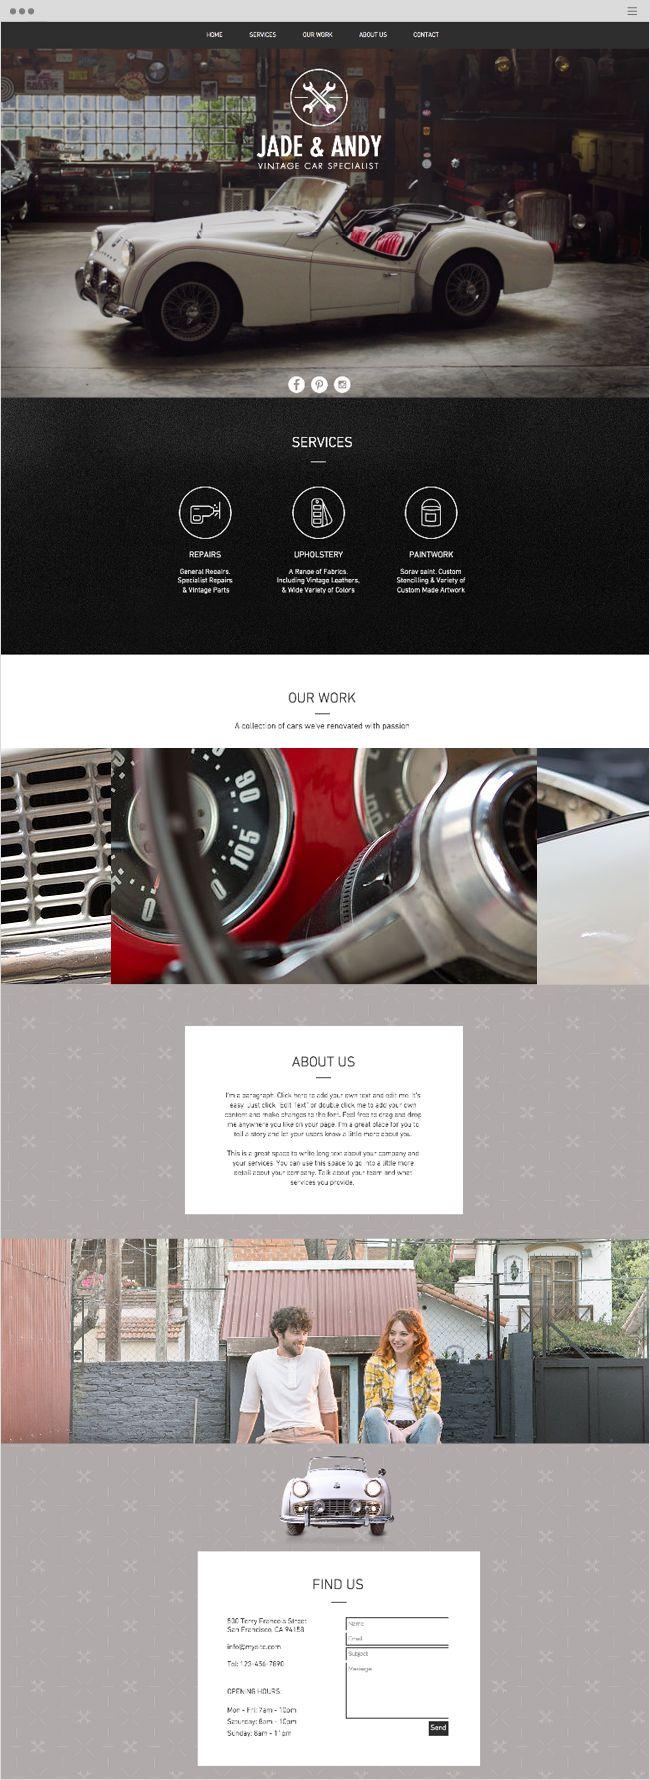 vintage car garage website template wix website templates pinterest cars vintage and. Black Bedroom Furniture Sets. Home Design Ideas